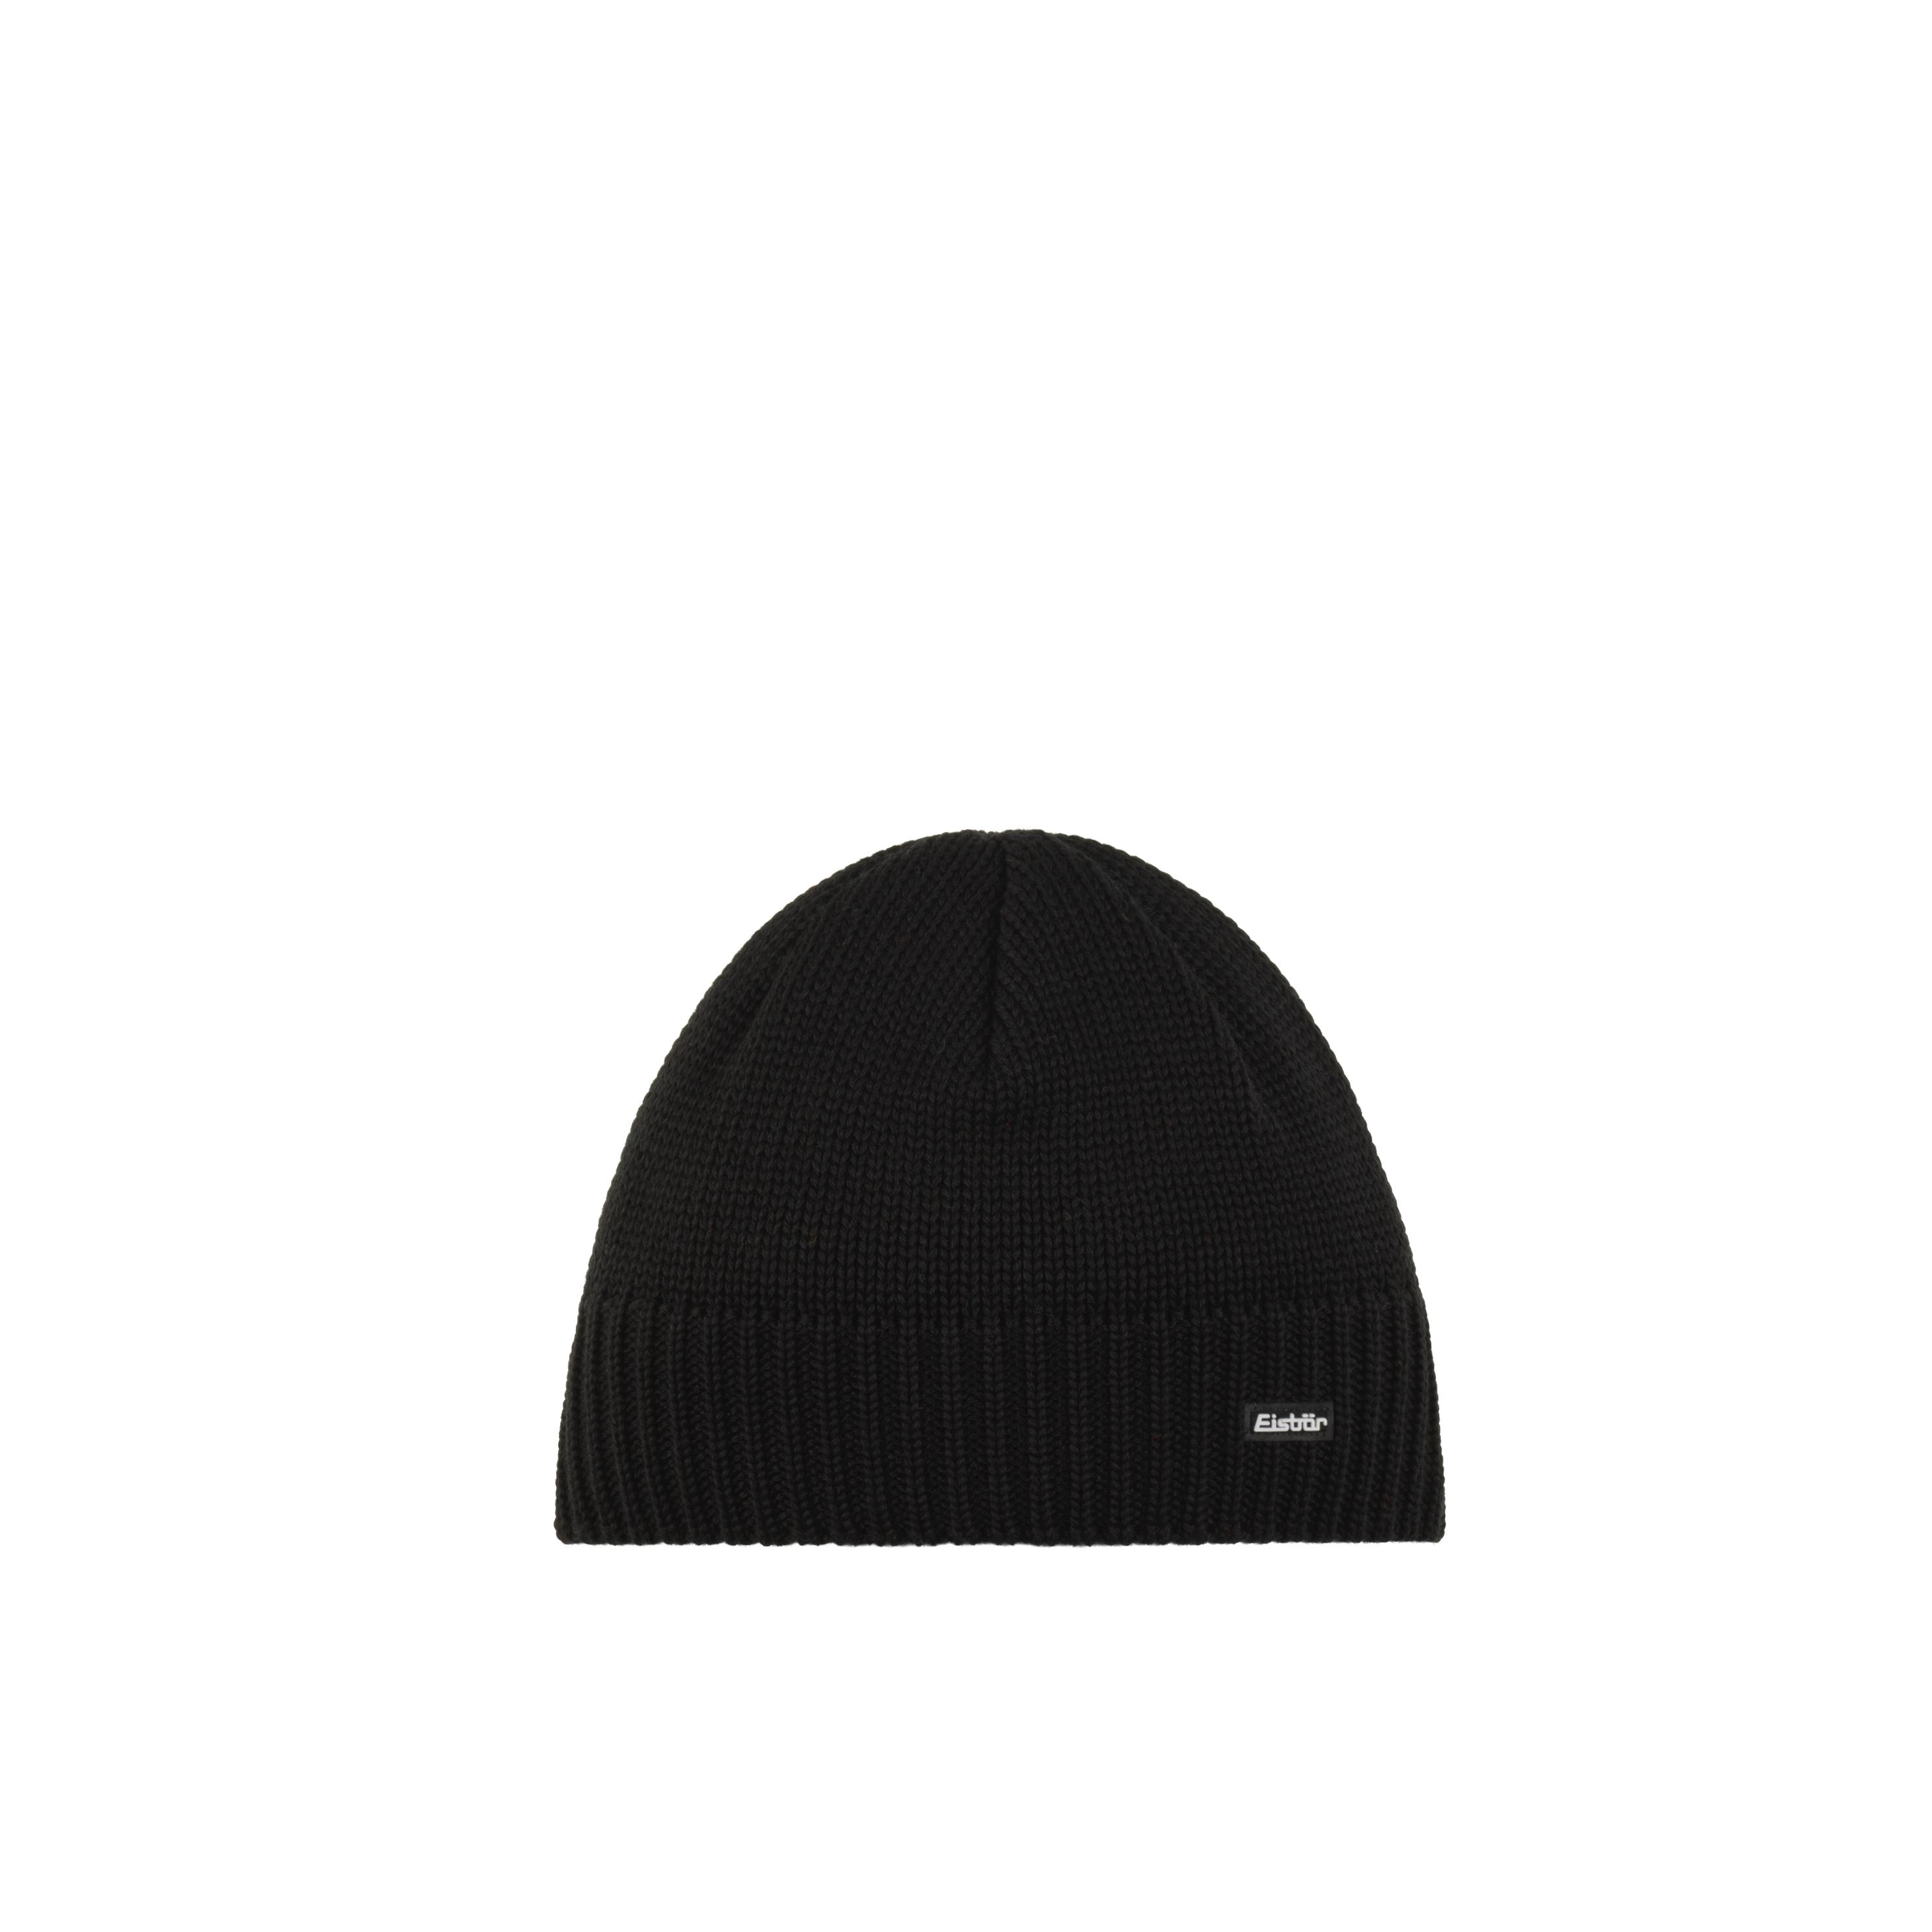 Eisbär TROP Mütze - schwarz